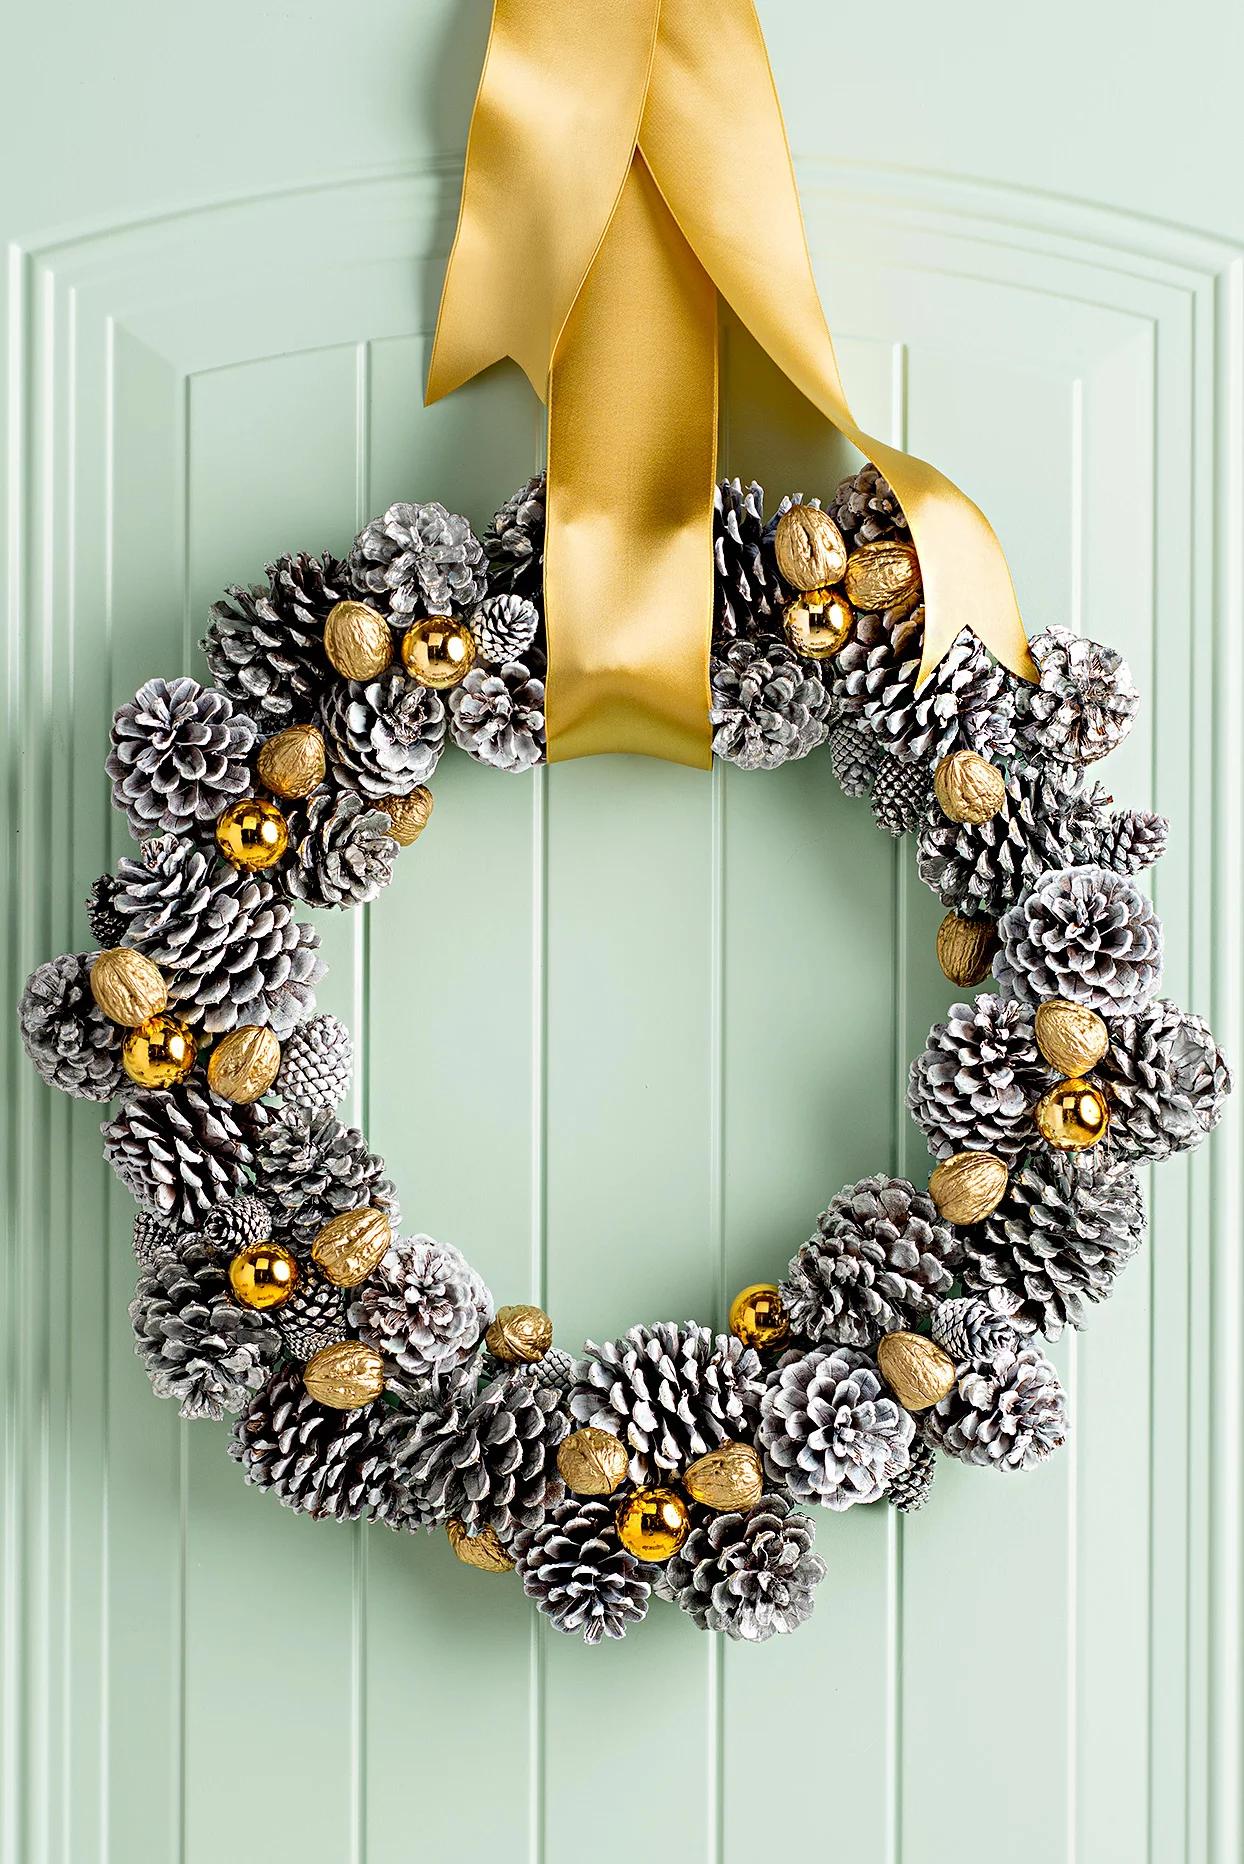 Рождественский декор из шишек: 20 идей и примеров (галерея 0, фото 8)